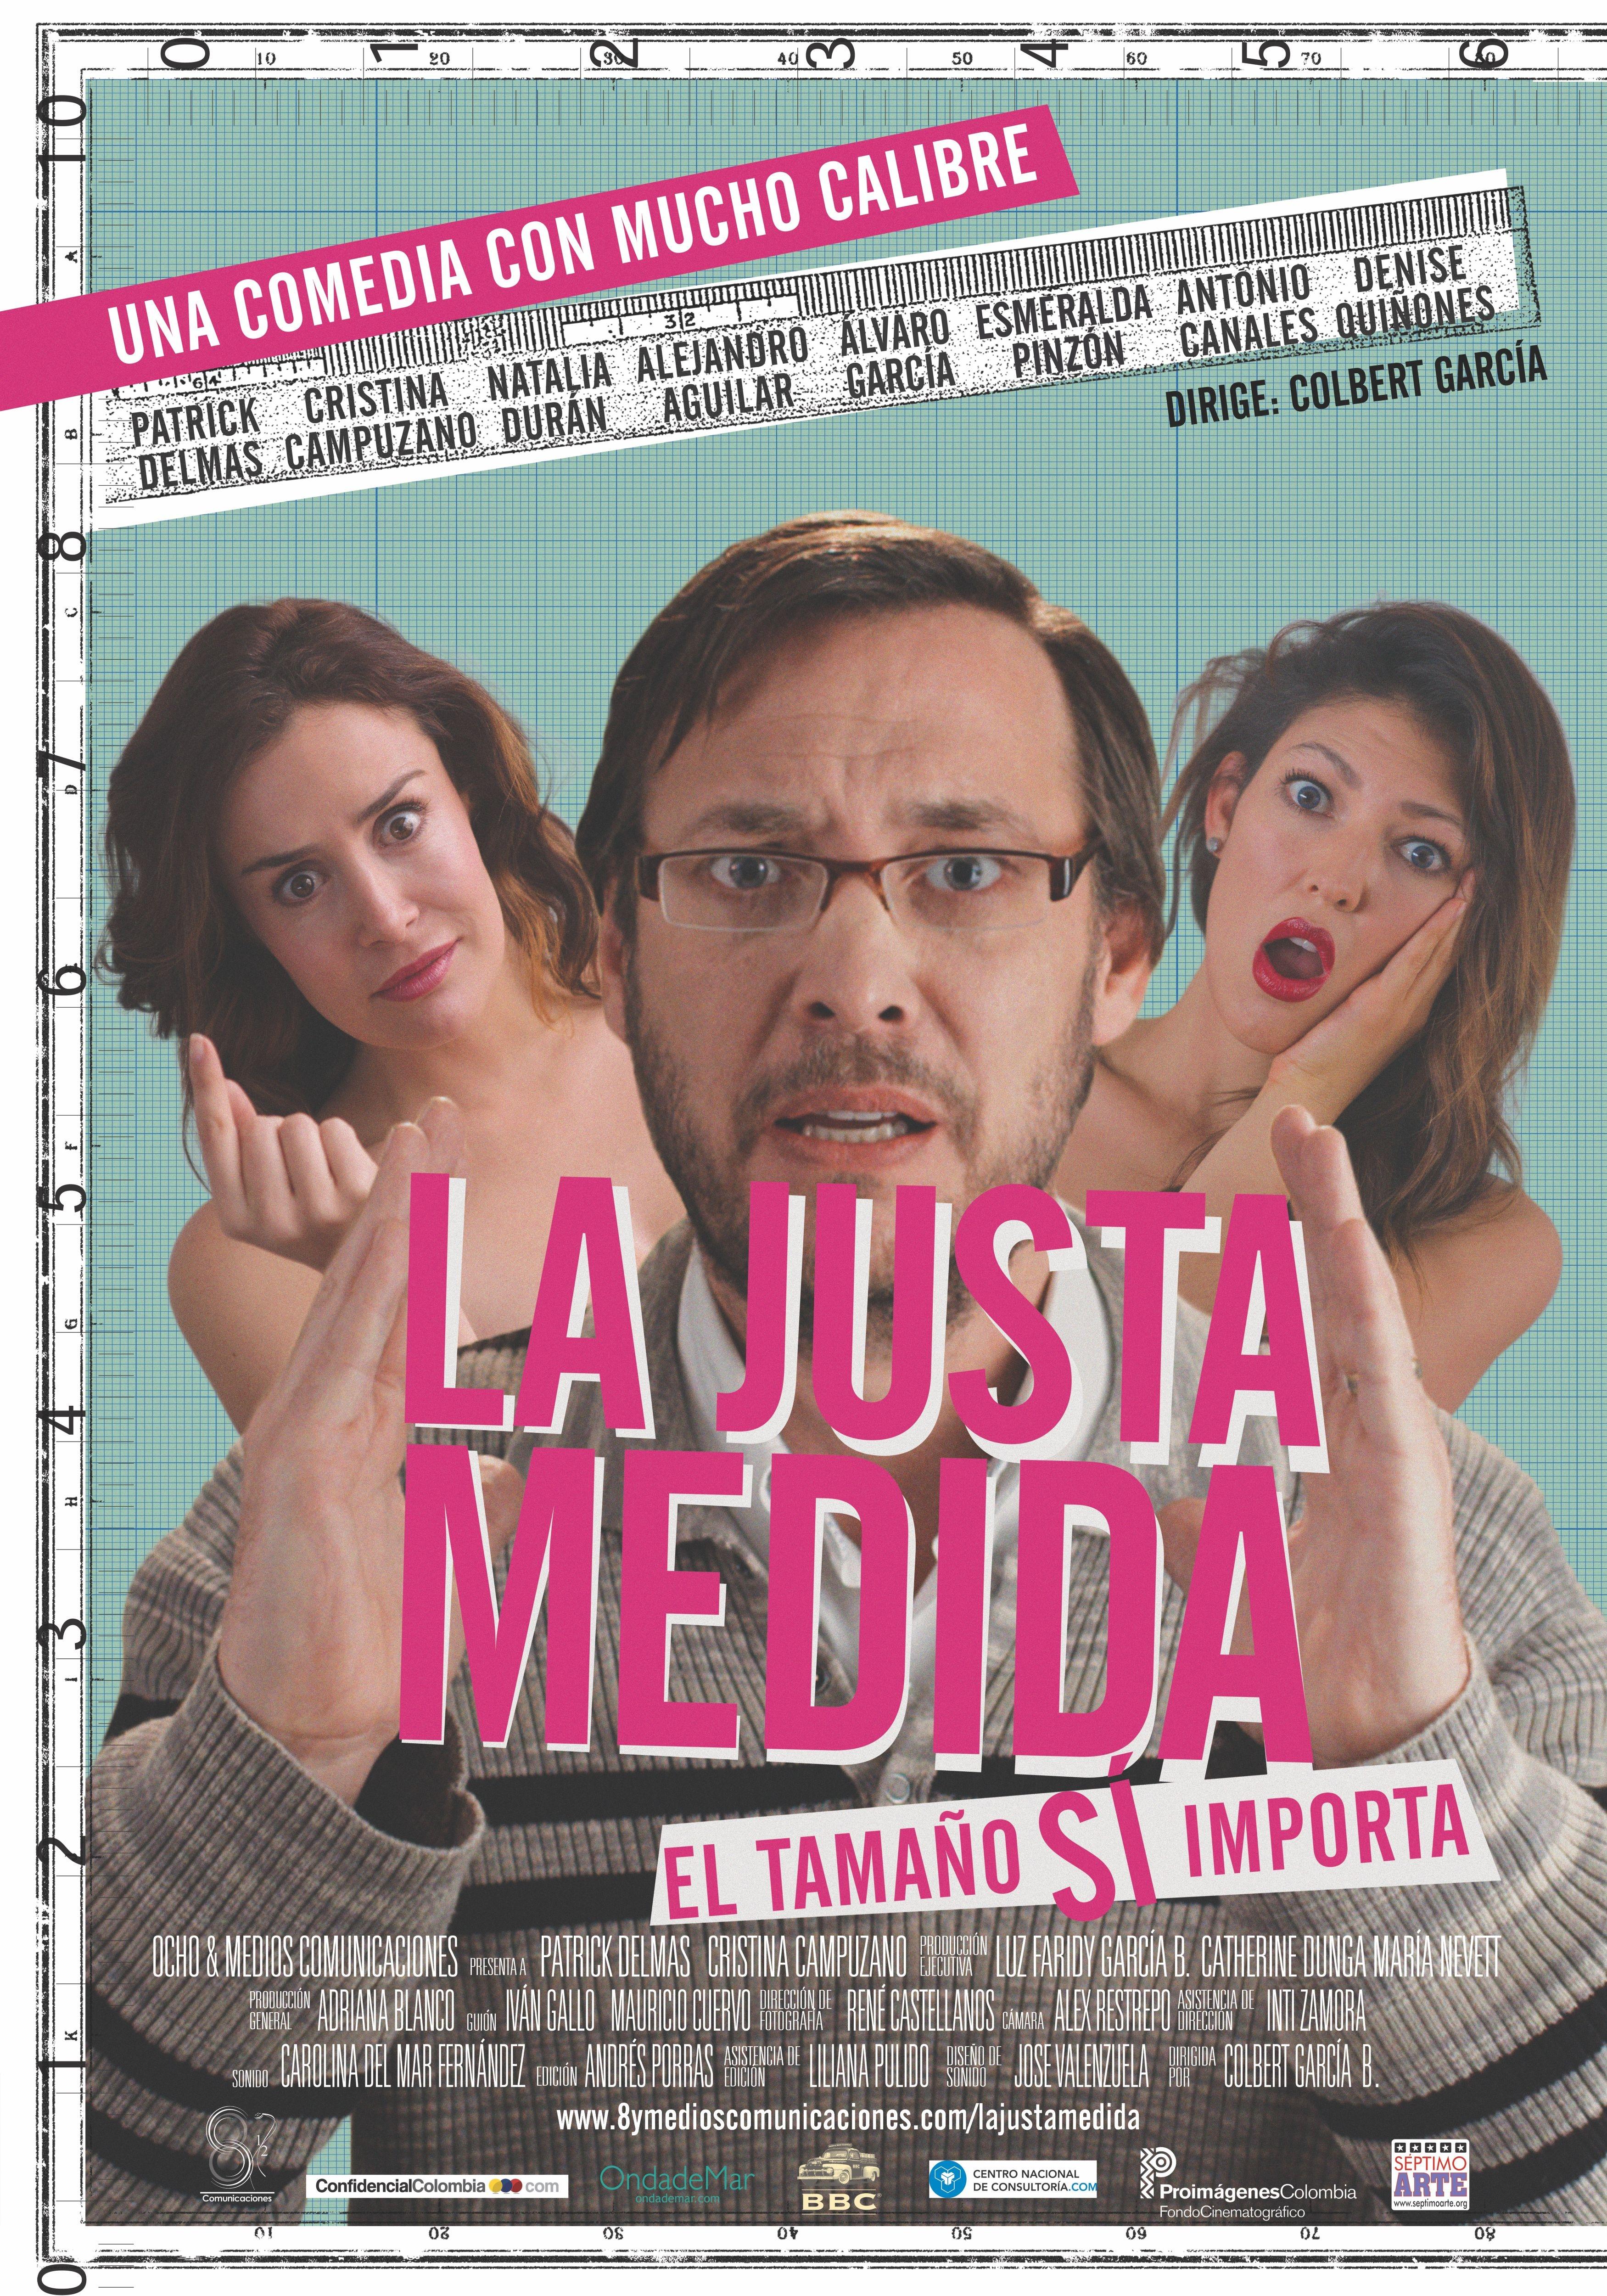 Peliculas De Porno Comedia cine colombiano: la justa medida   proimágenes colombia